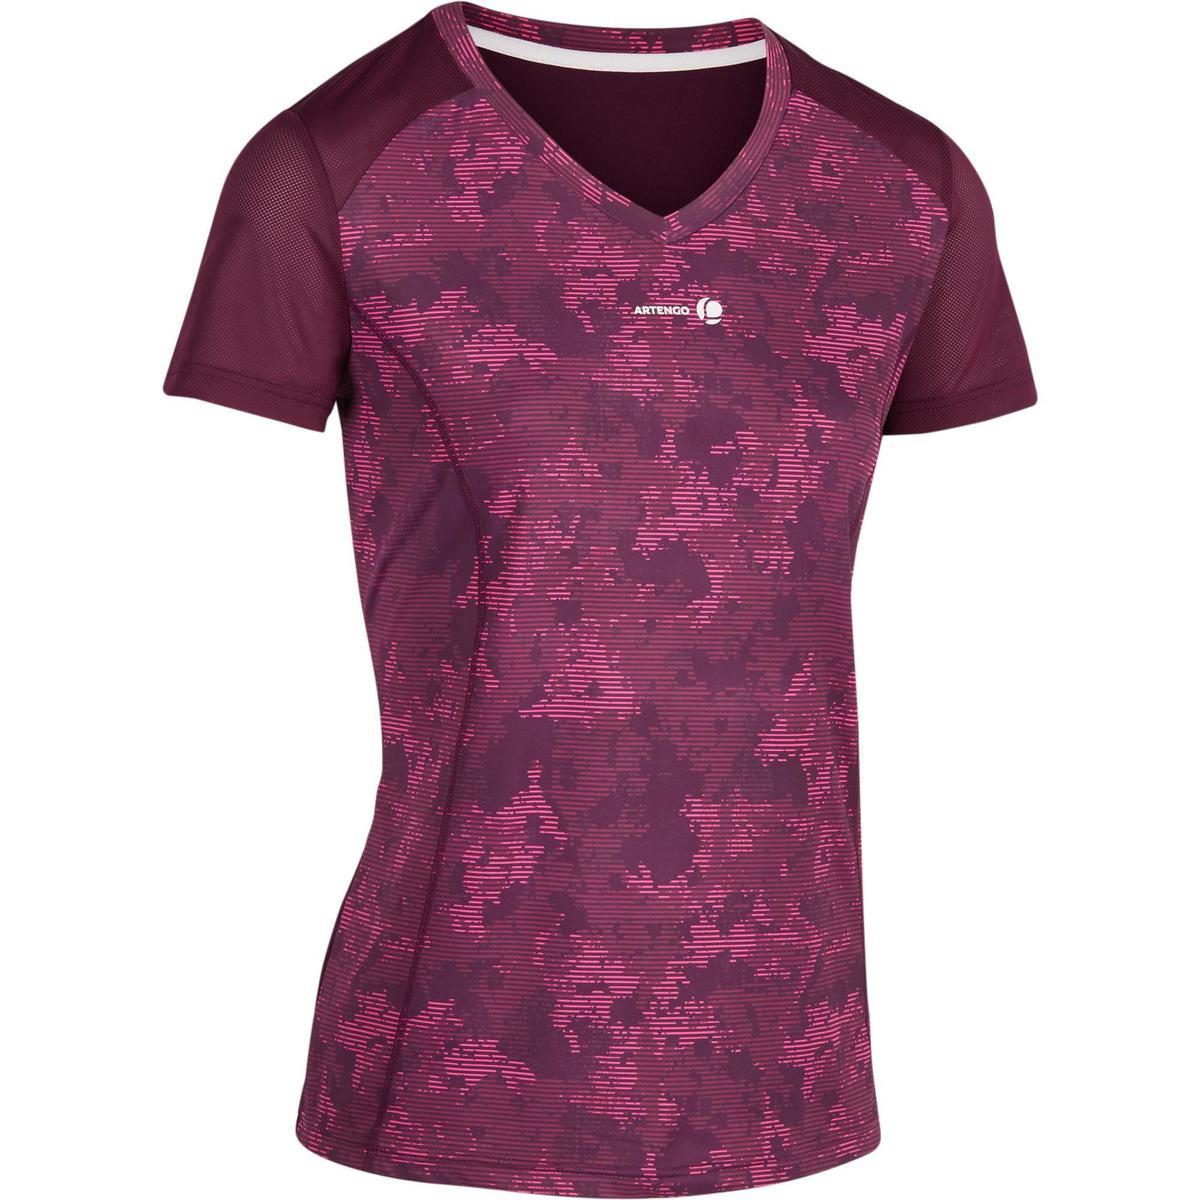 Bild 1 von T-Shirt Soft 500 Tennisshirt Damen bordeaux